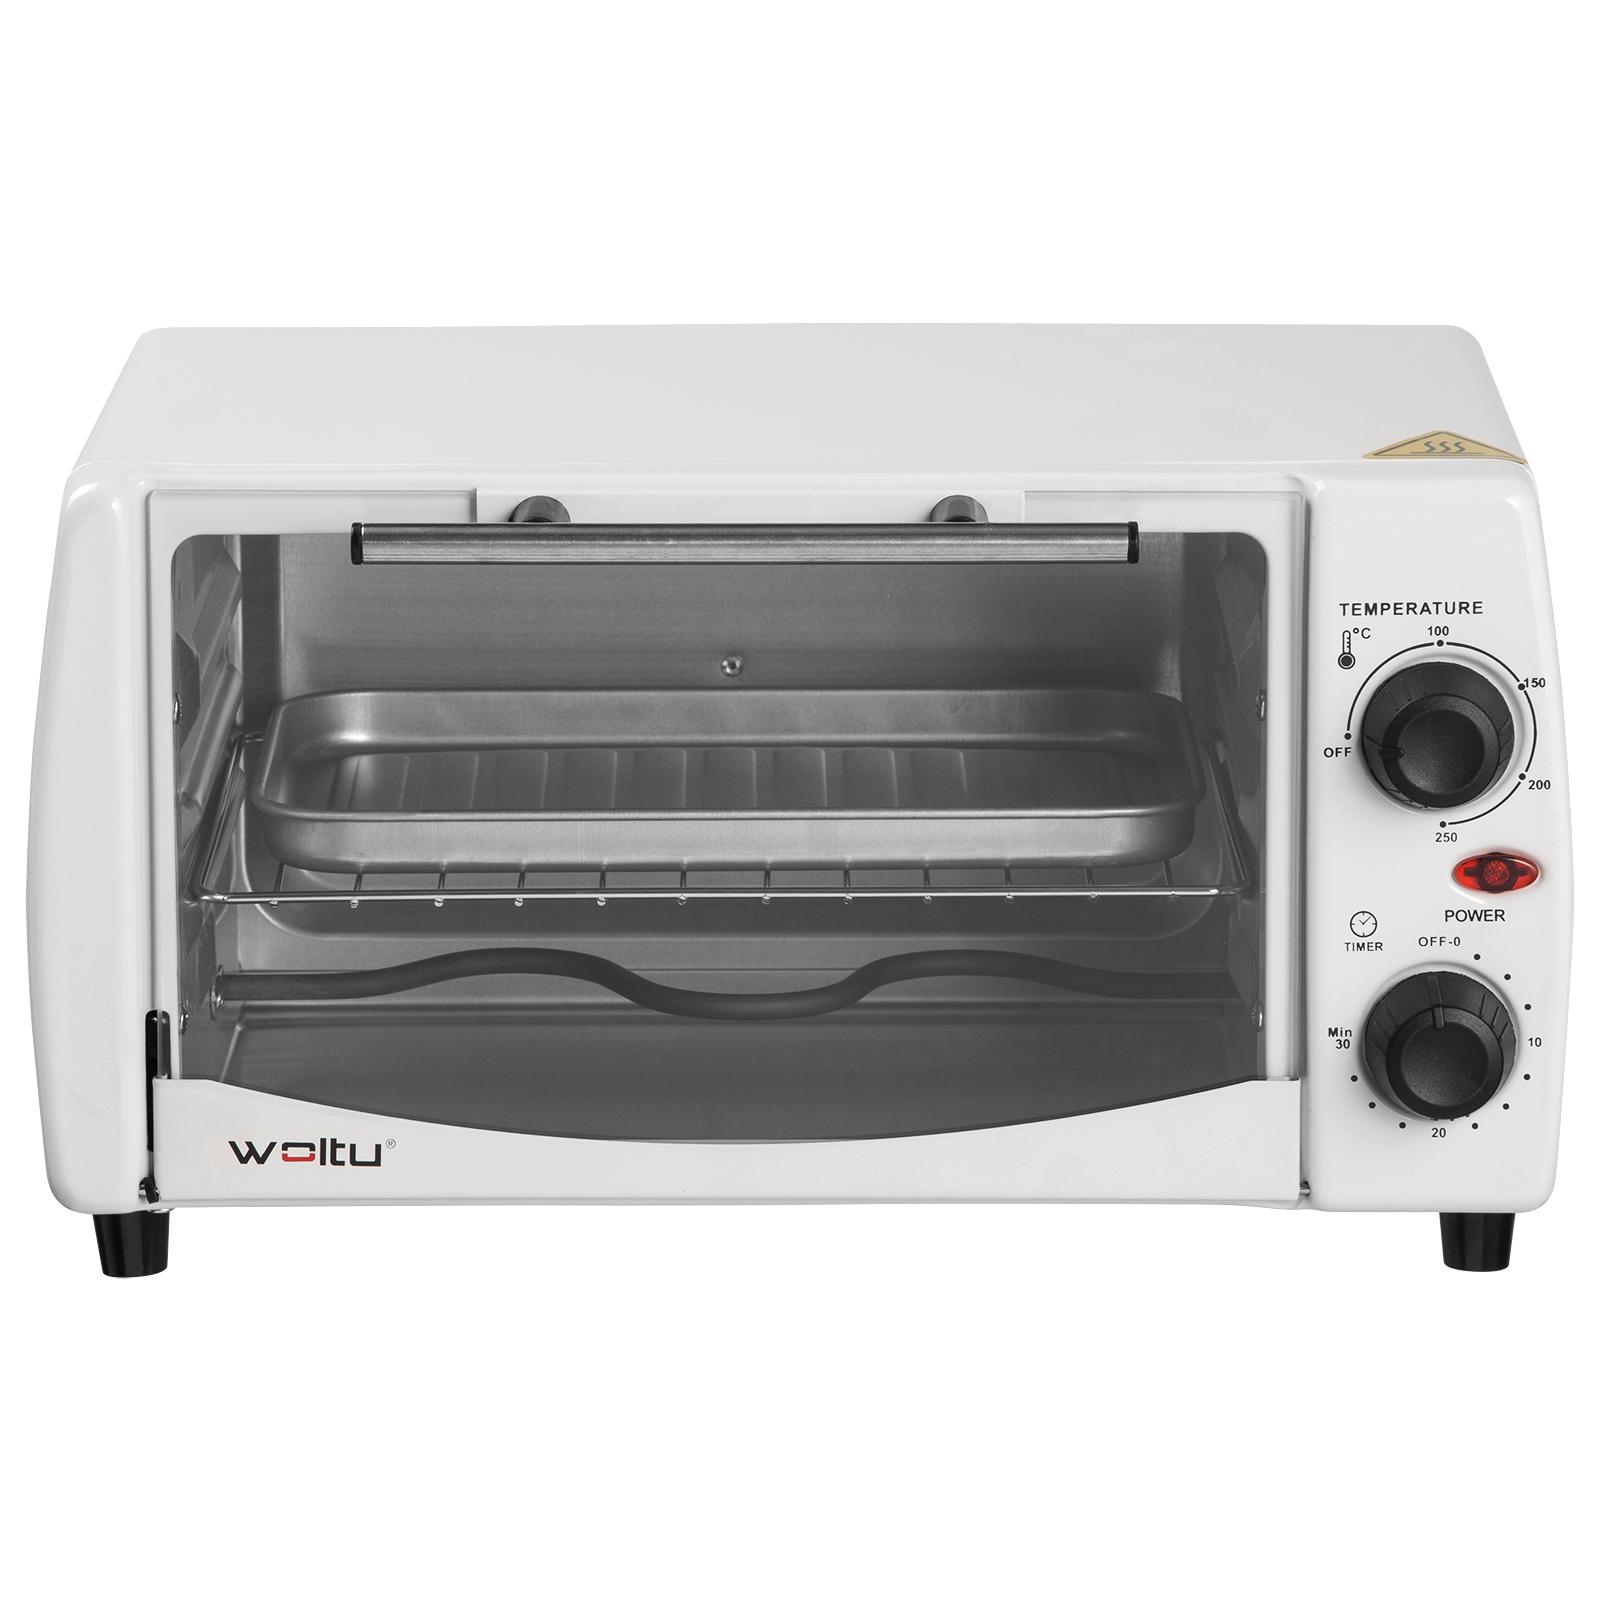 EUGAD Minibackofen Pizzaofen 12-20L mit Backblech Timer bis 250°C 800-1400W e756